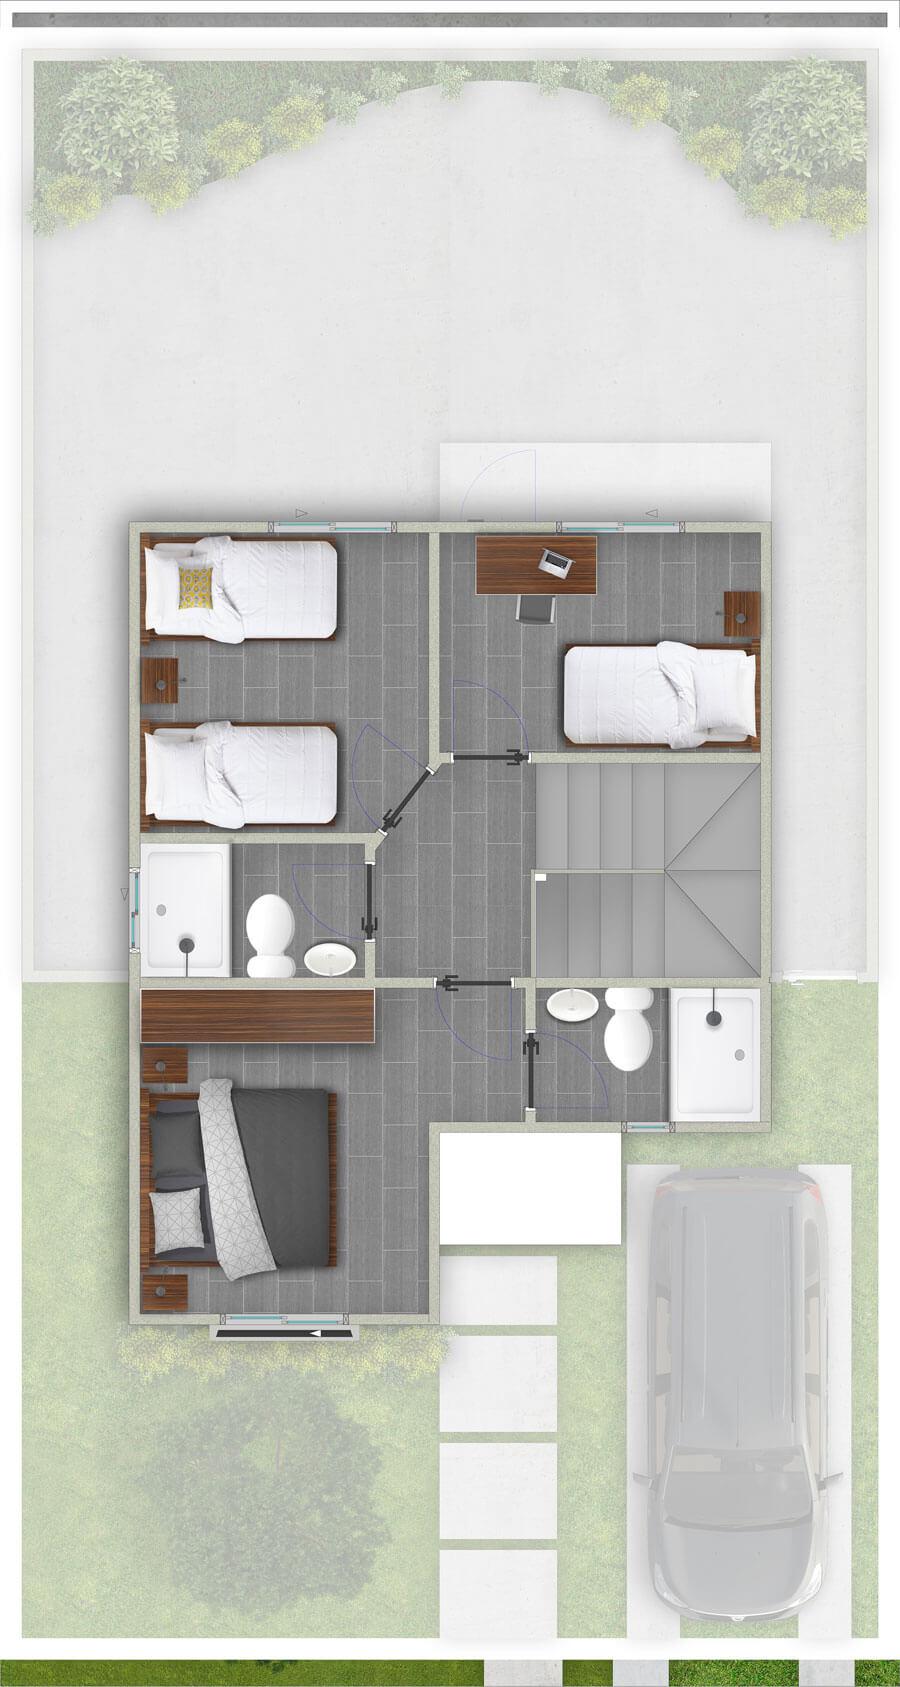 galilea-inmobiliaria-constructora-ecuador-render-interior-casa-modelo-bungavilla-80-m2-planta-alta